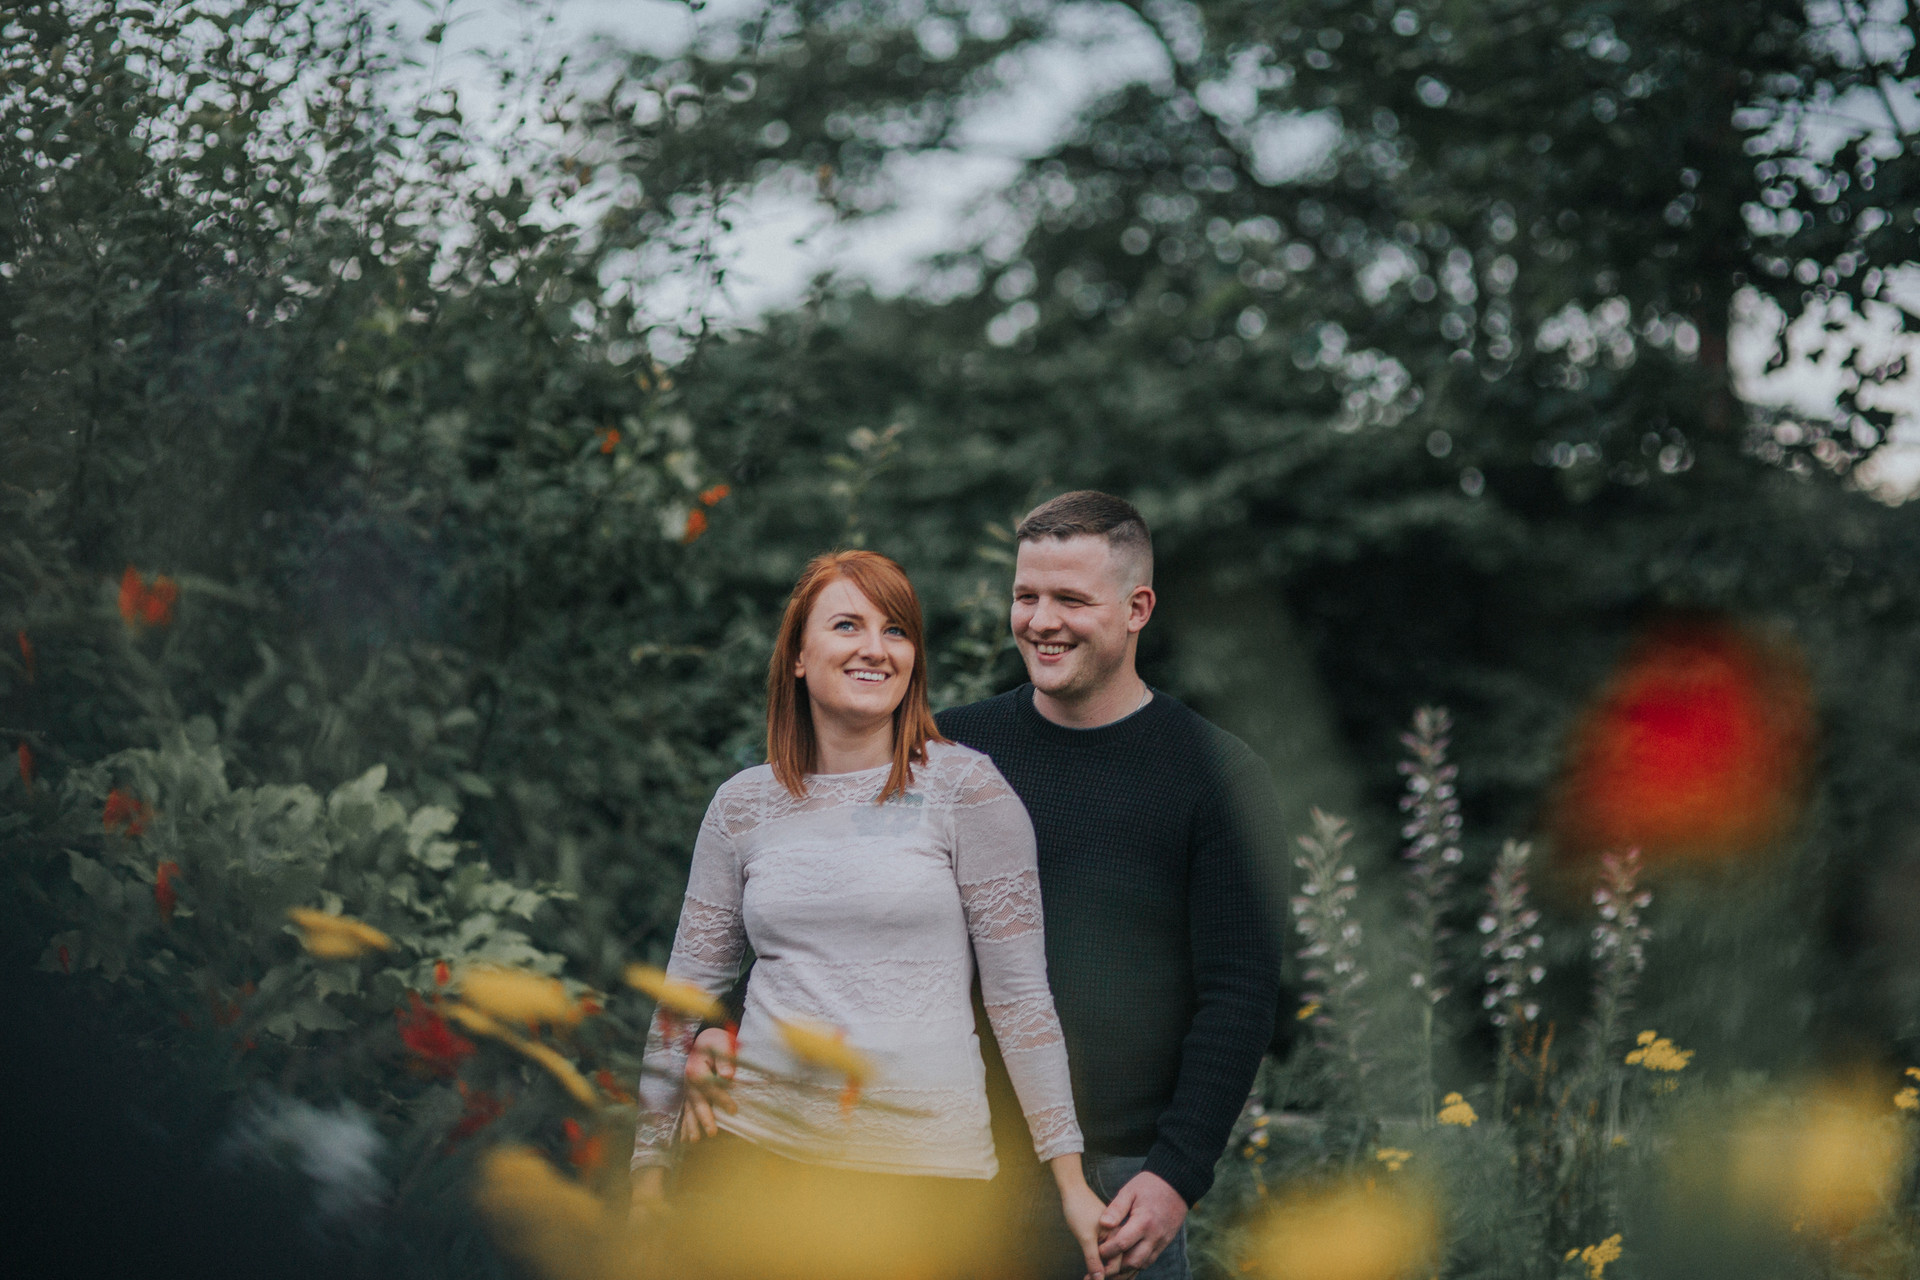 oakwell hall gardens wedding